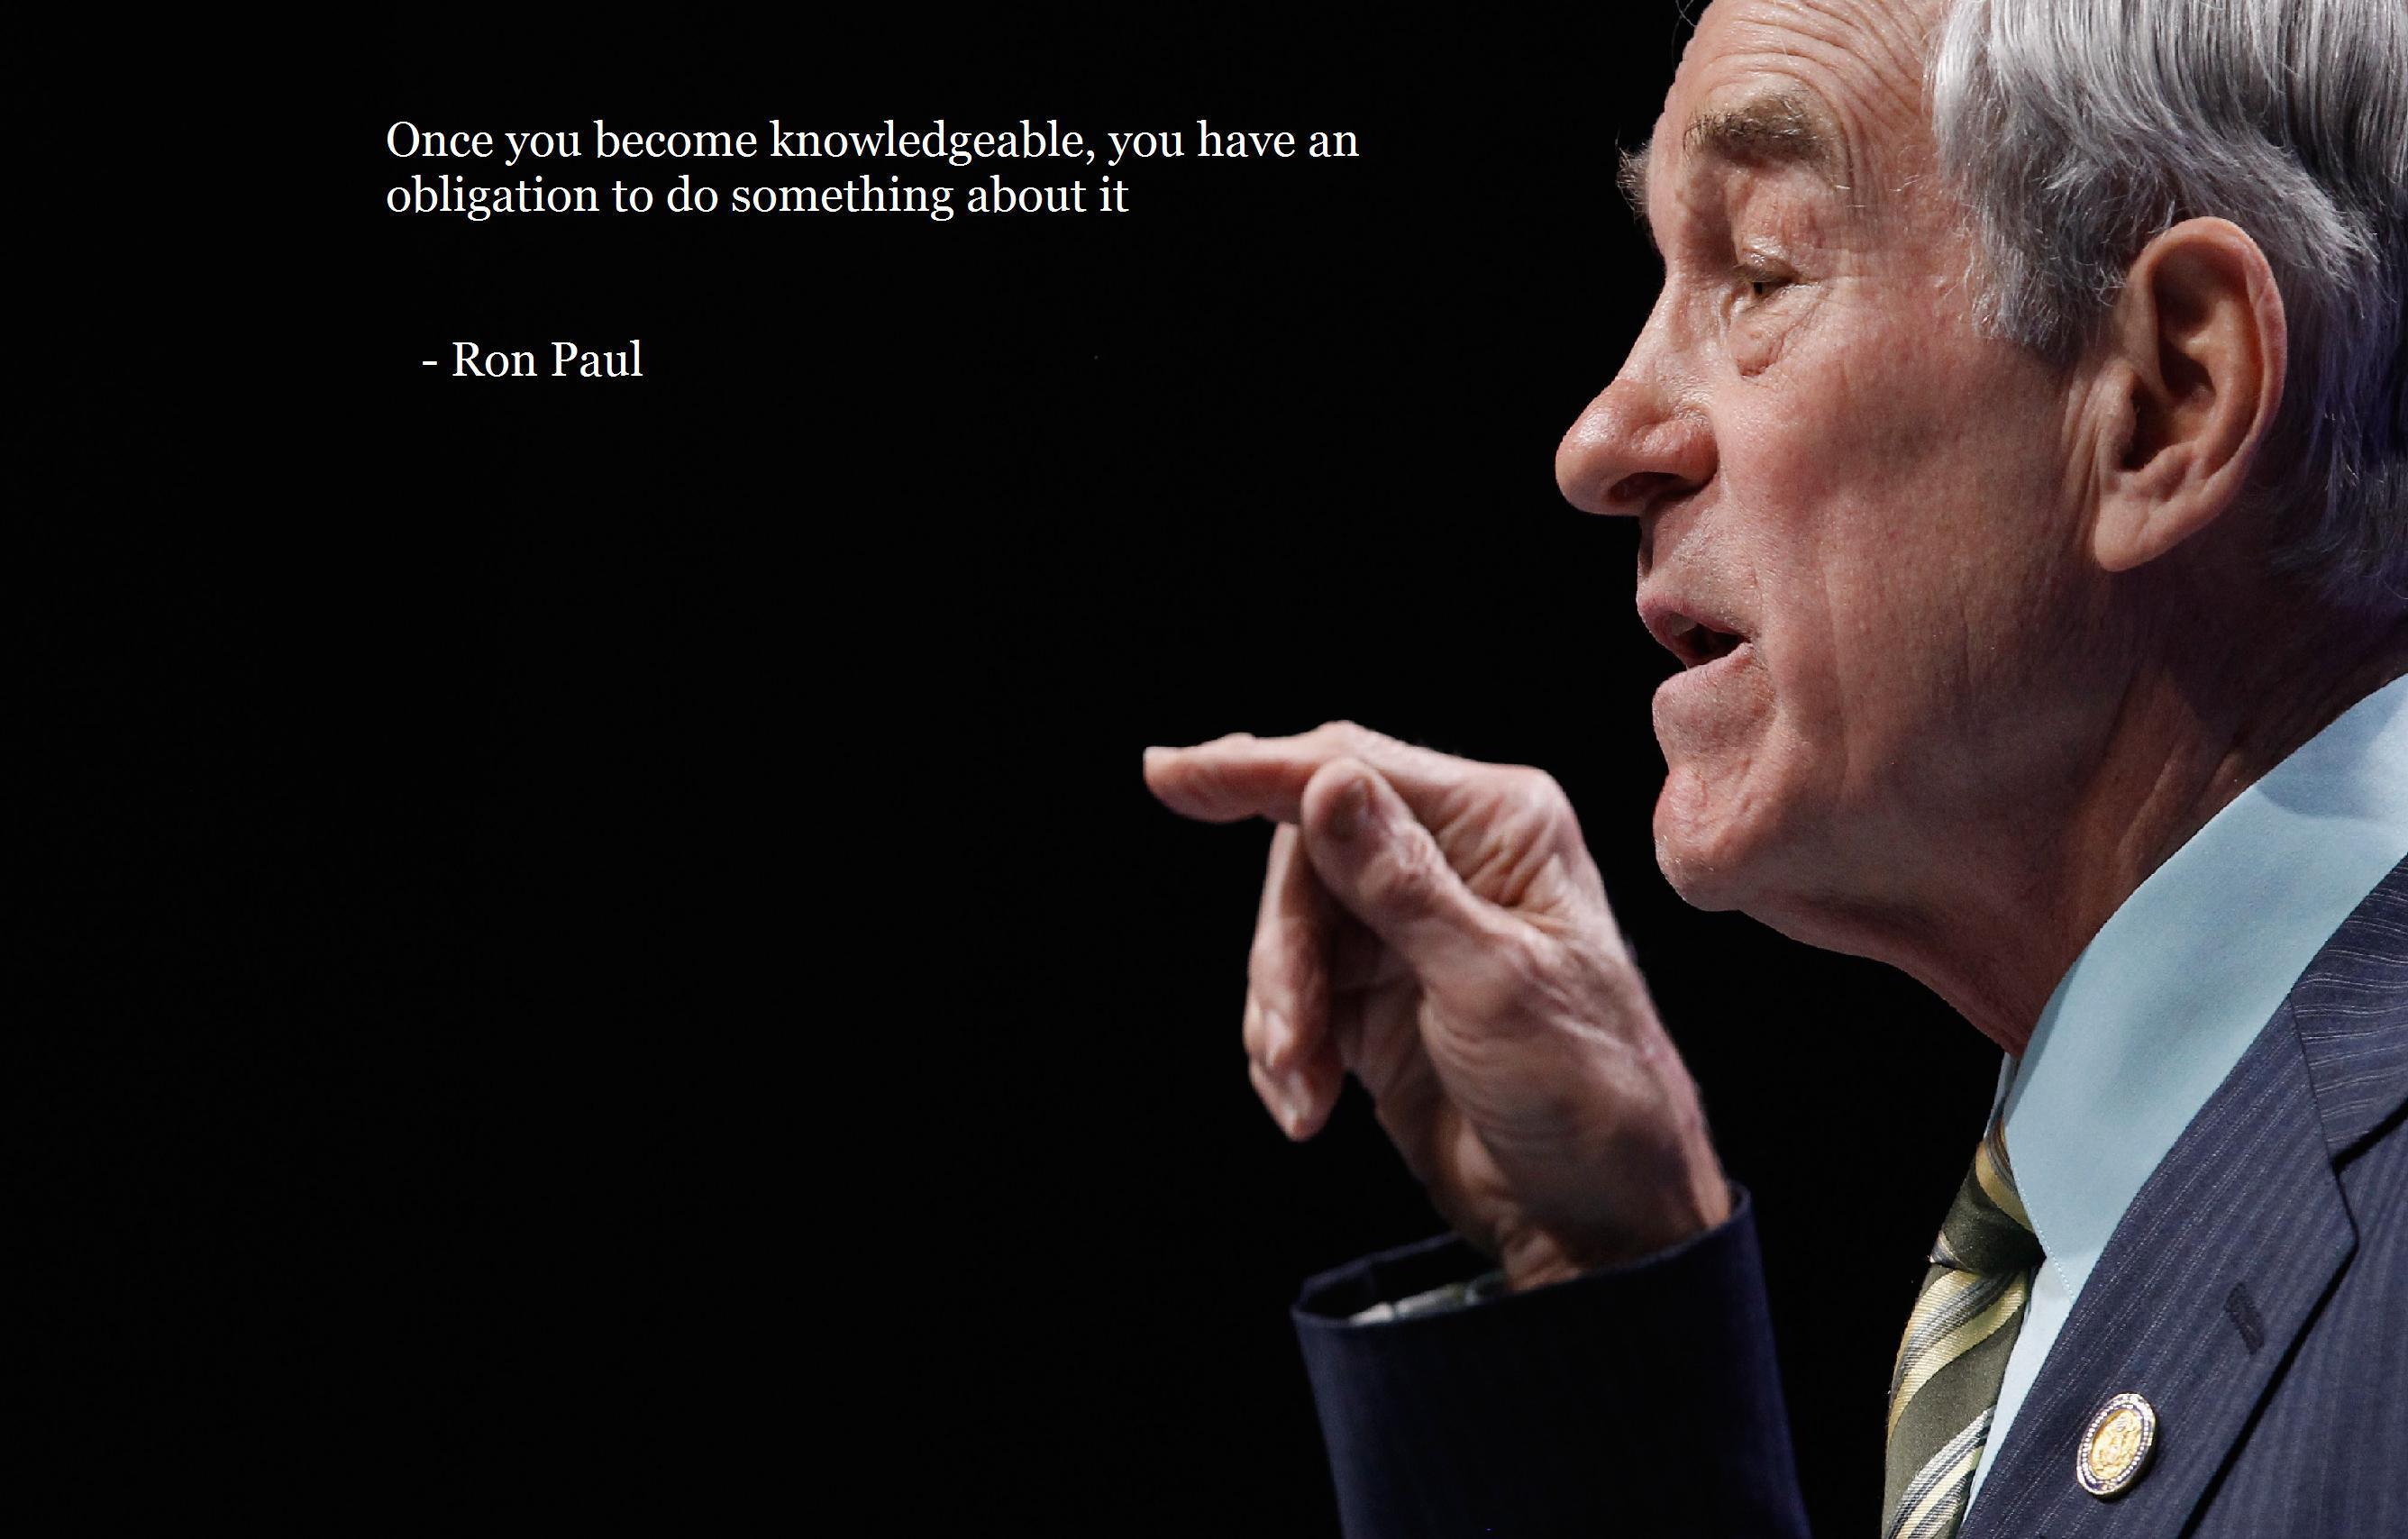 Ron Paul's quote #5